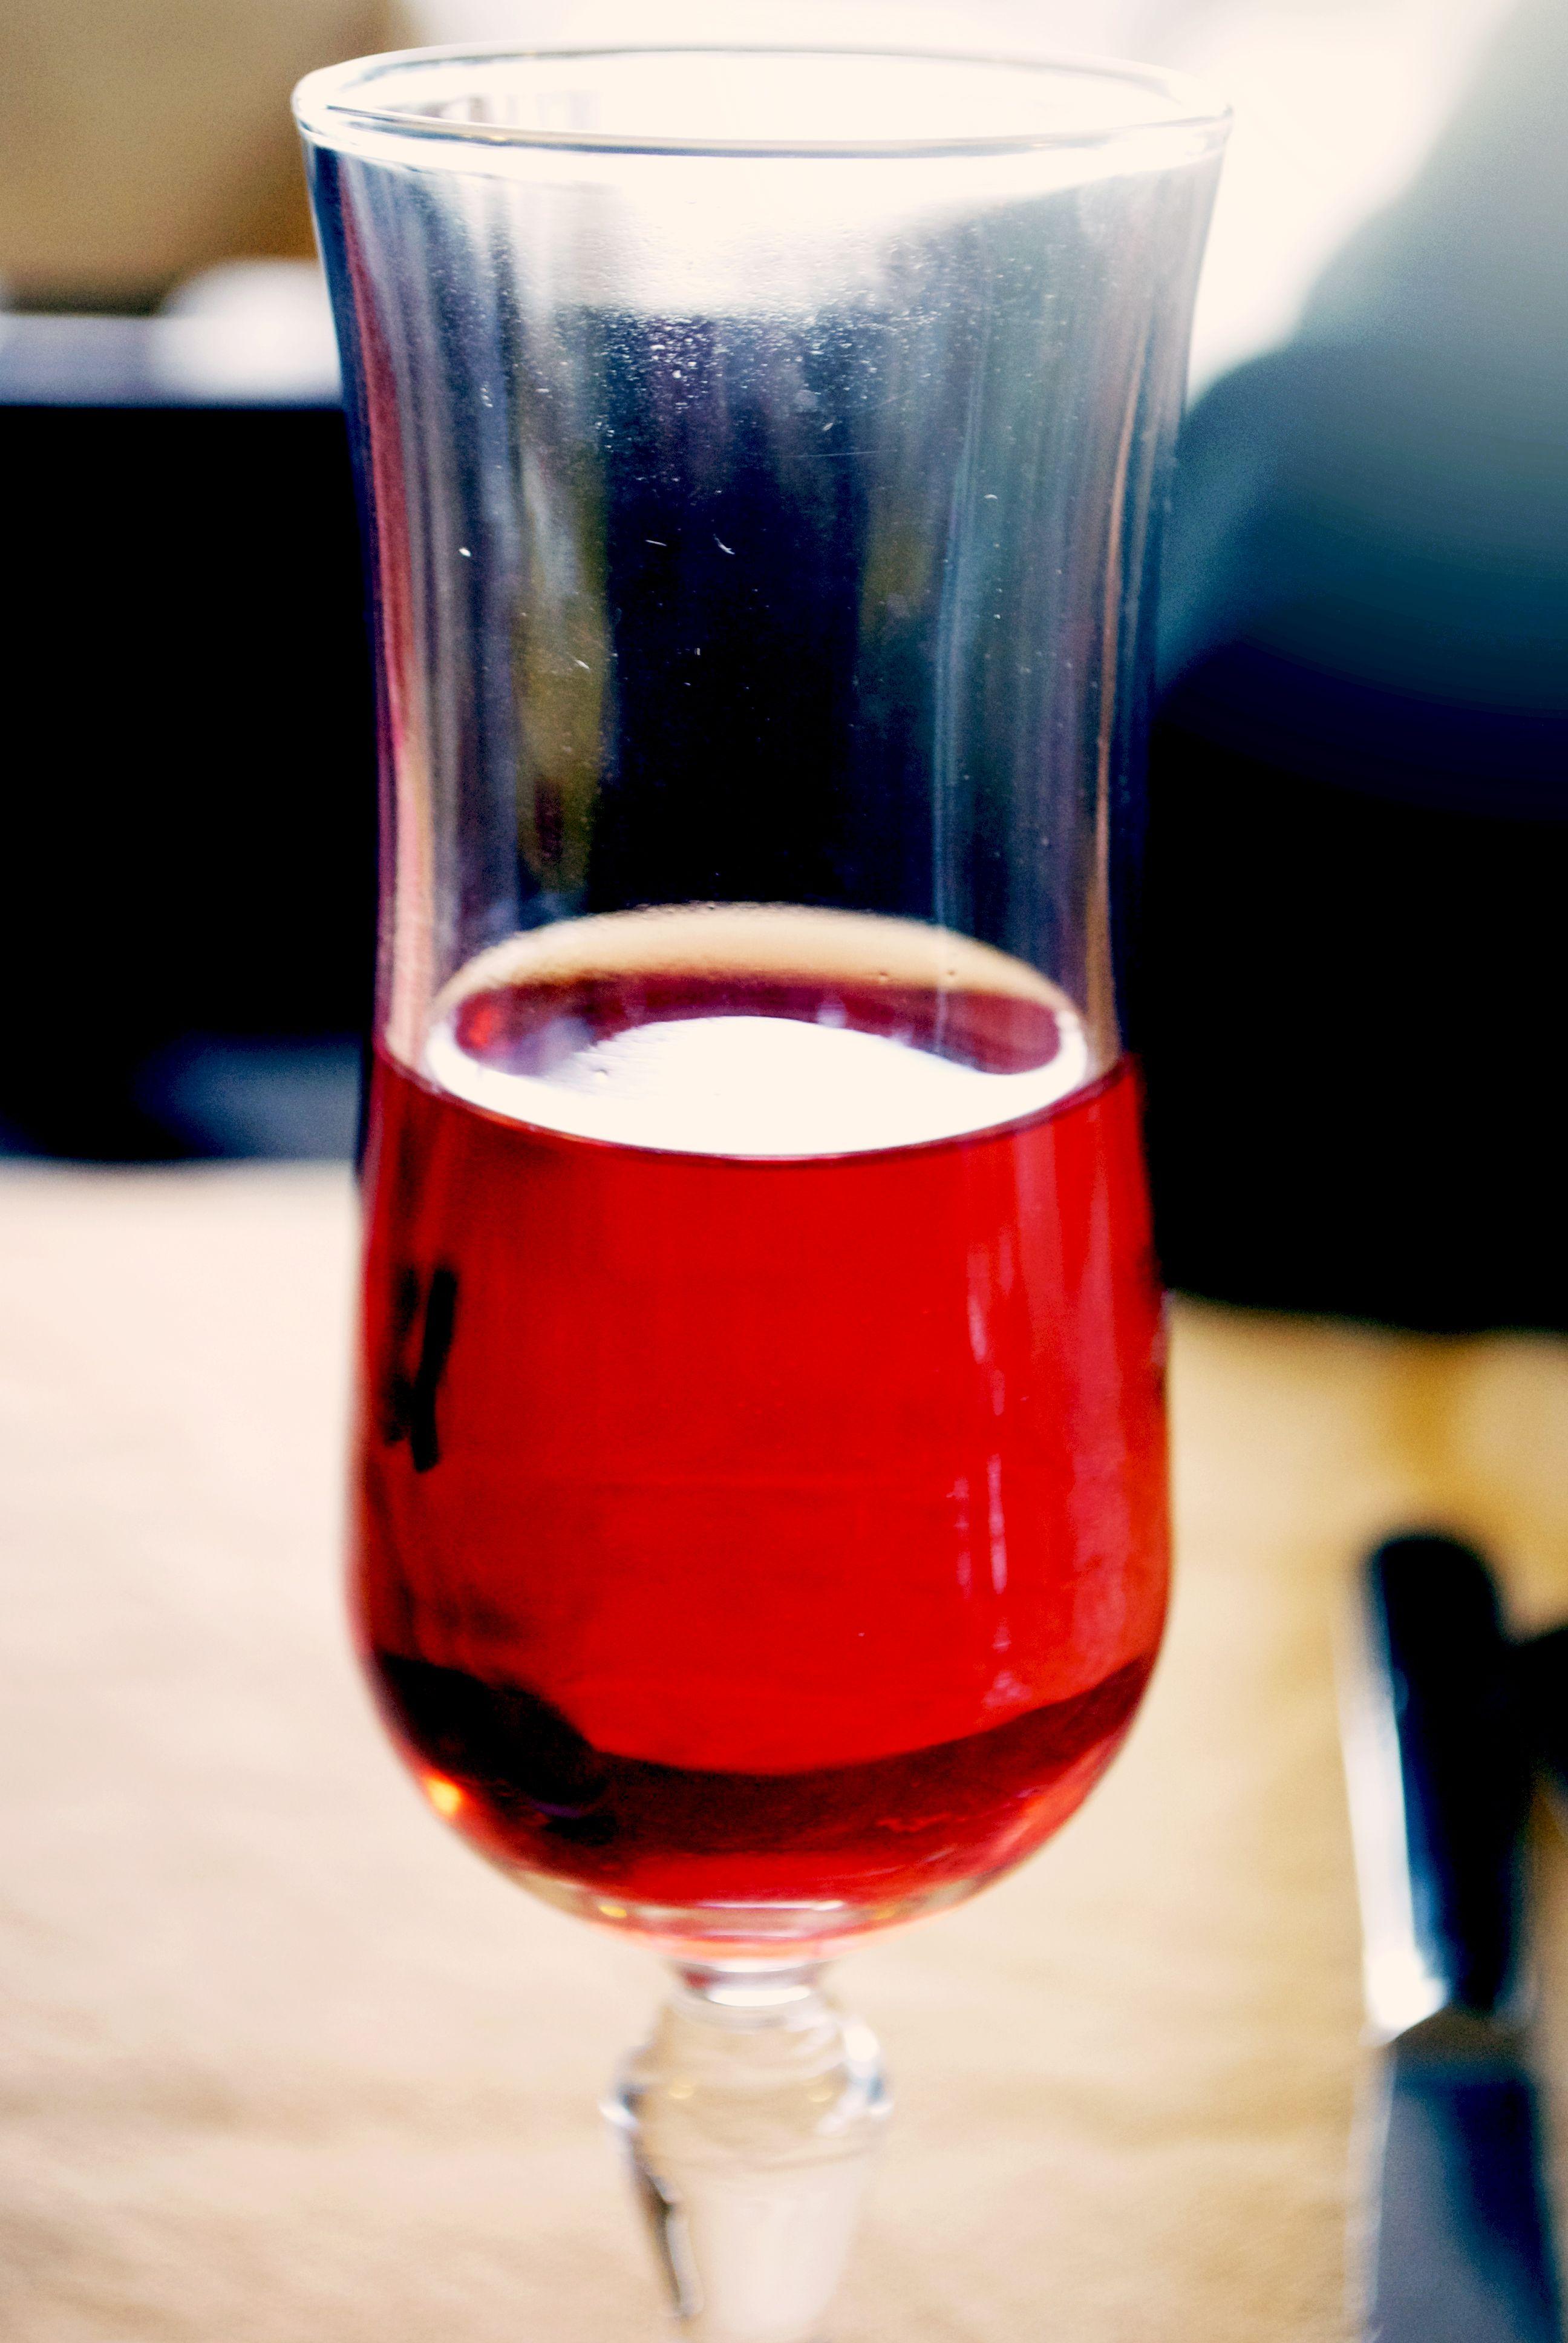 Egoist In 2020 Dry Wine Wine Label Design Wine Bottle